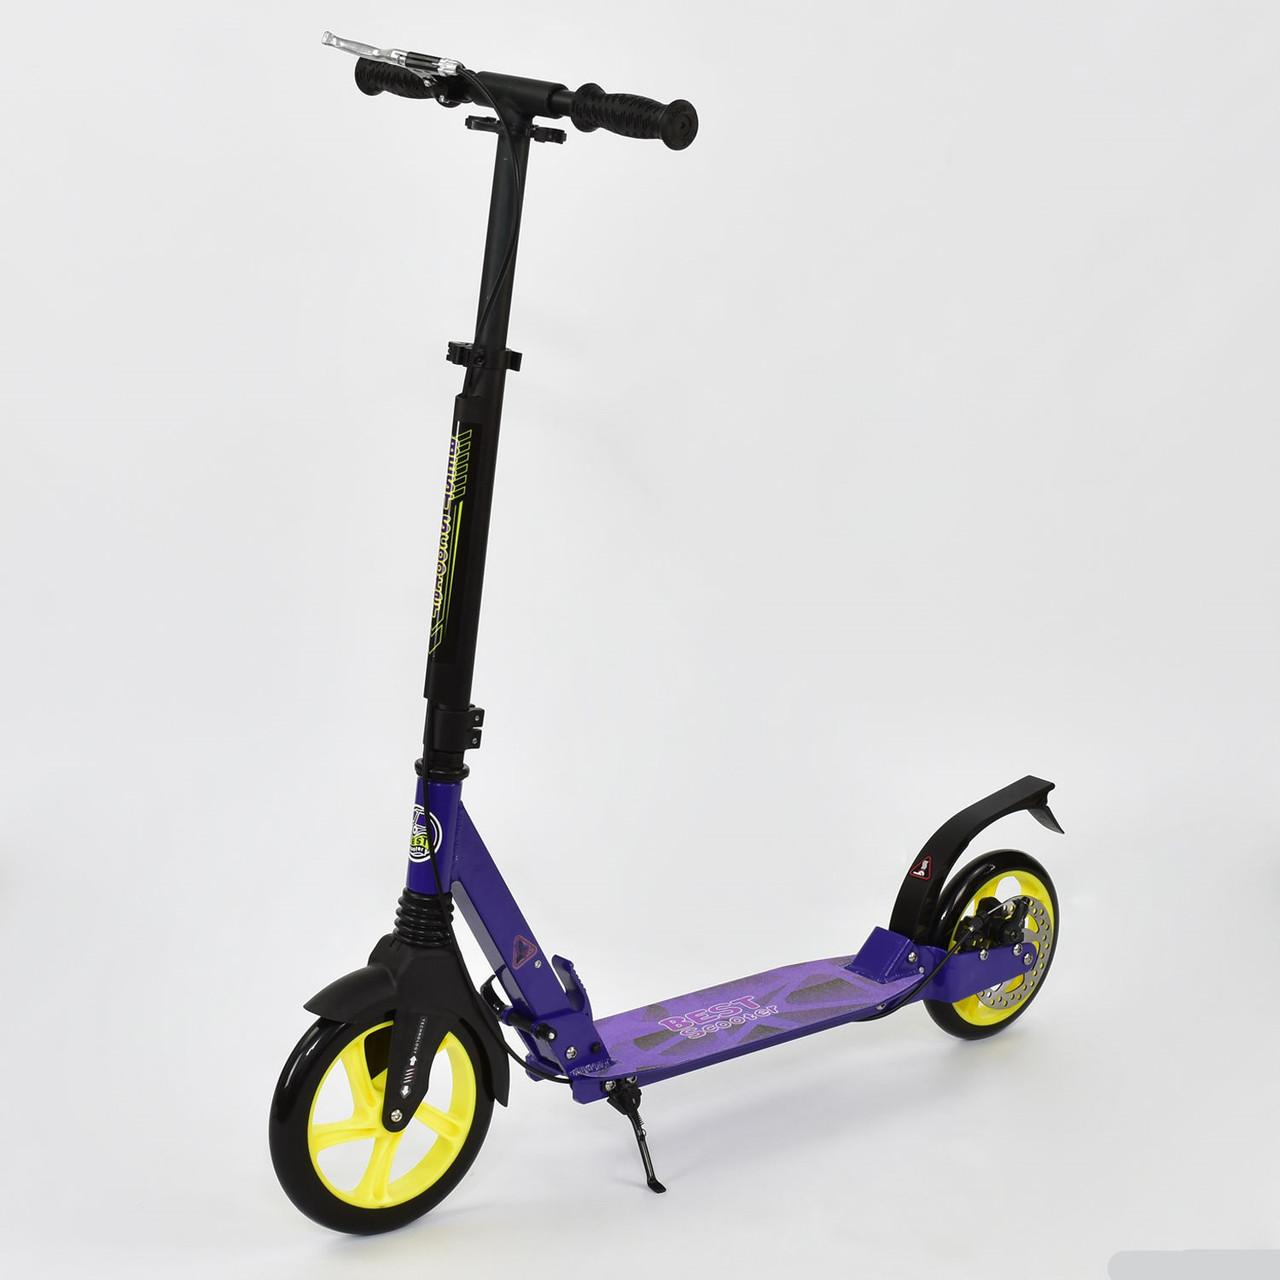 Алюмінієвий Самокат S 00149 фиолето колеса PU, переднього-23 см, заднього - 20 см, 2 амортизатора дисковий тормо